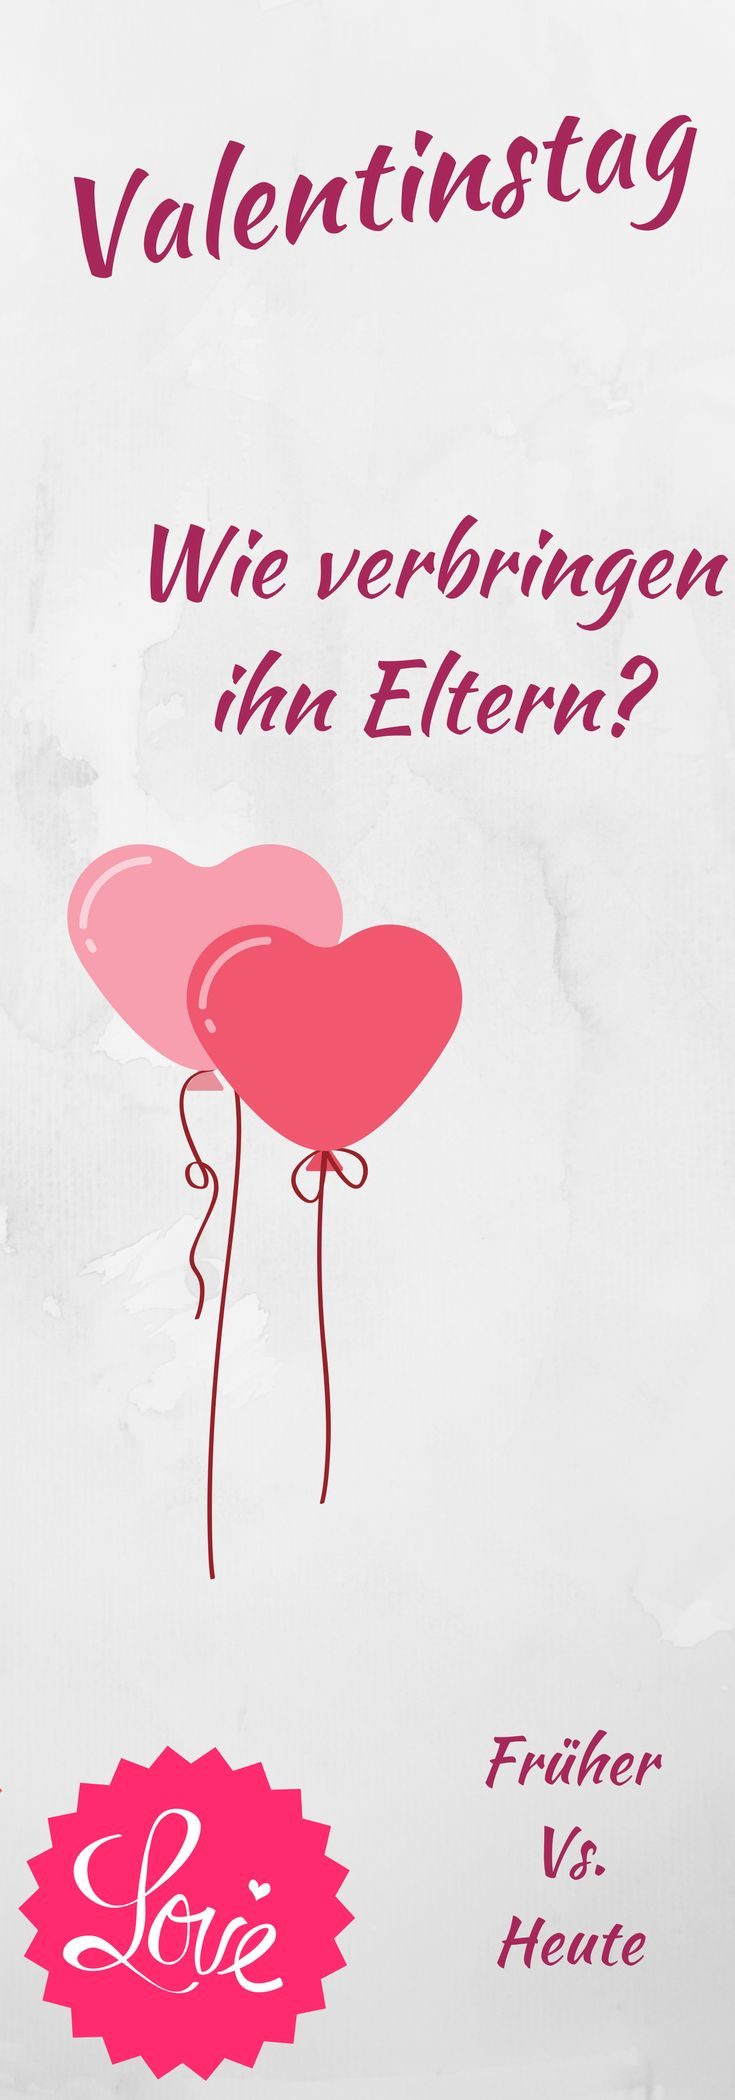 48 besten Valentinstag - Bastelideen und Kreatives Bilder auf Pinterest